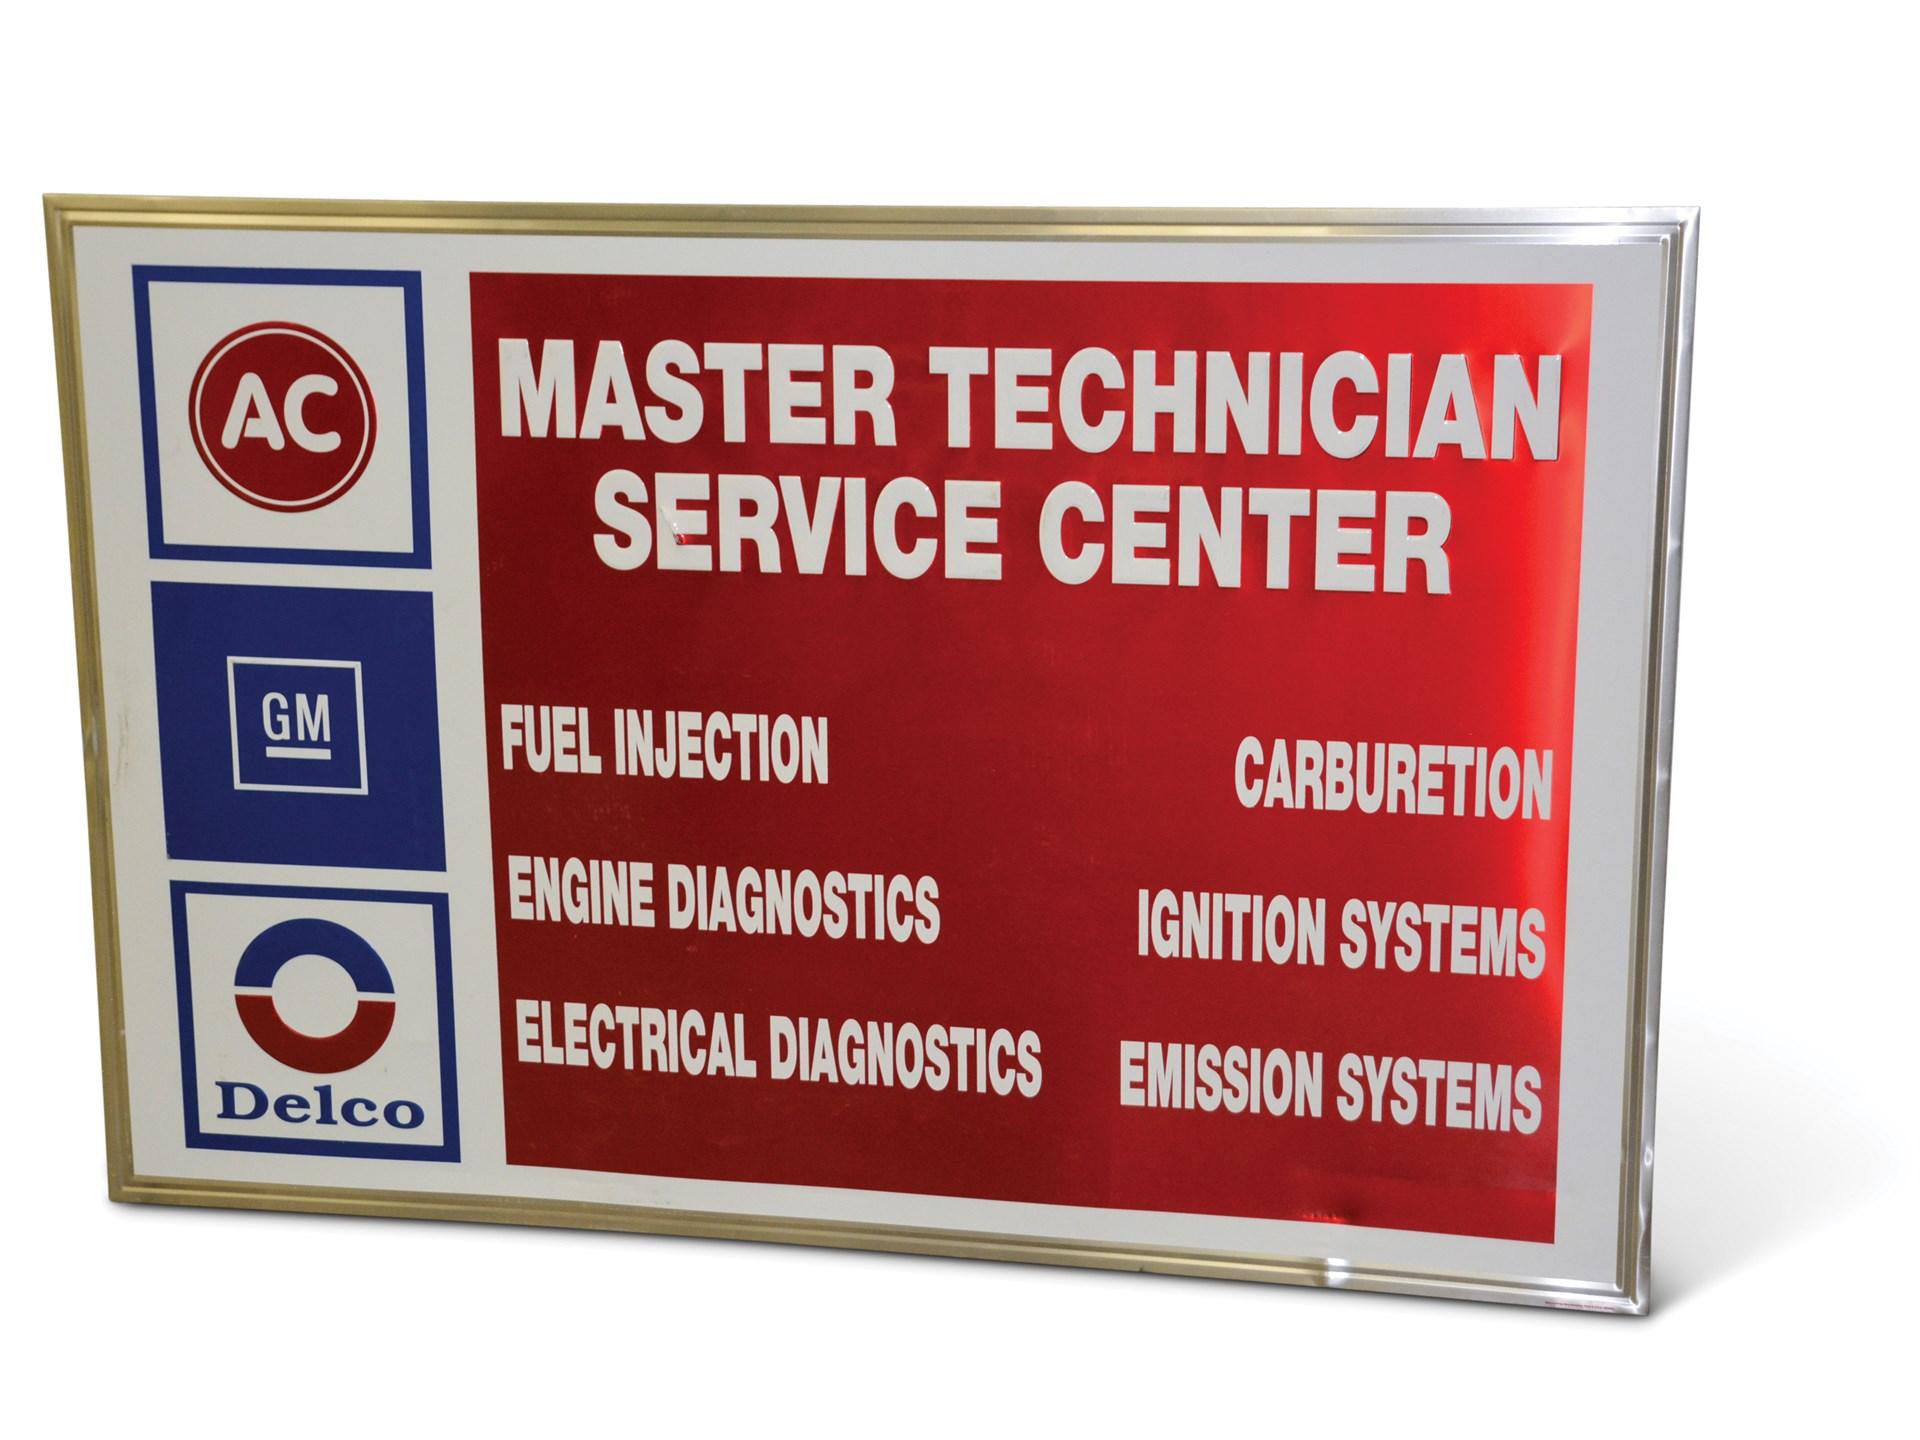 RM Sotheby's - GM AC Delco Master Technician Service Center